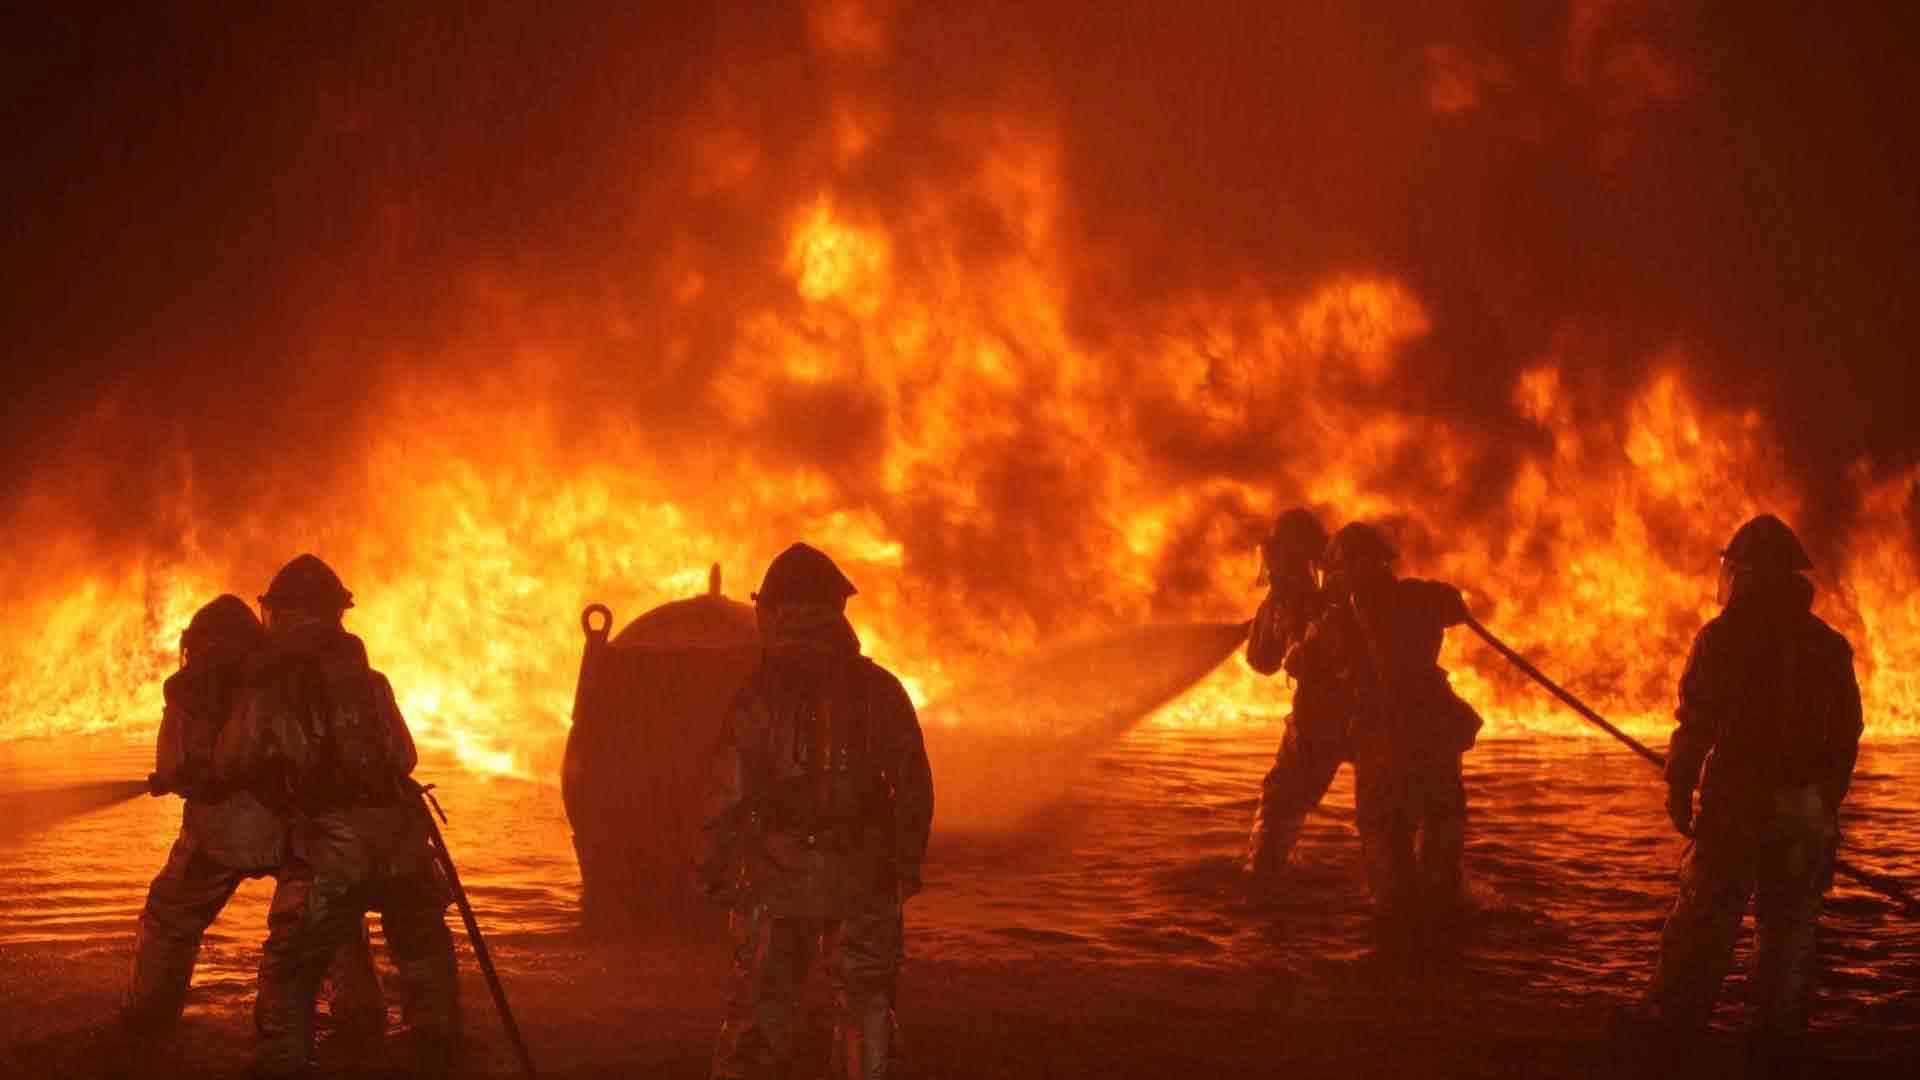 brandwache-brandschutz-hintergrund